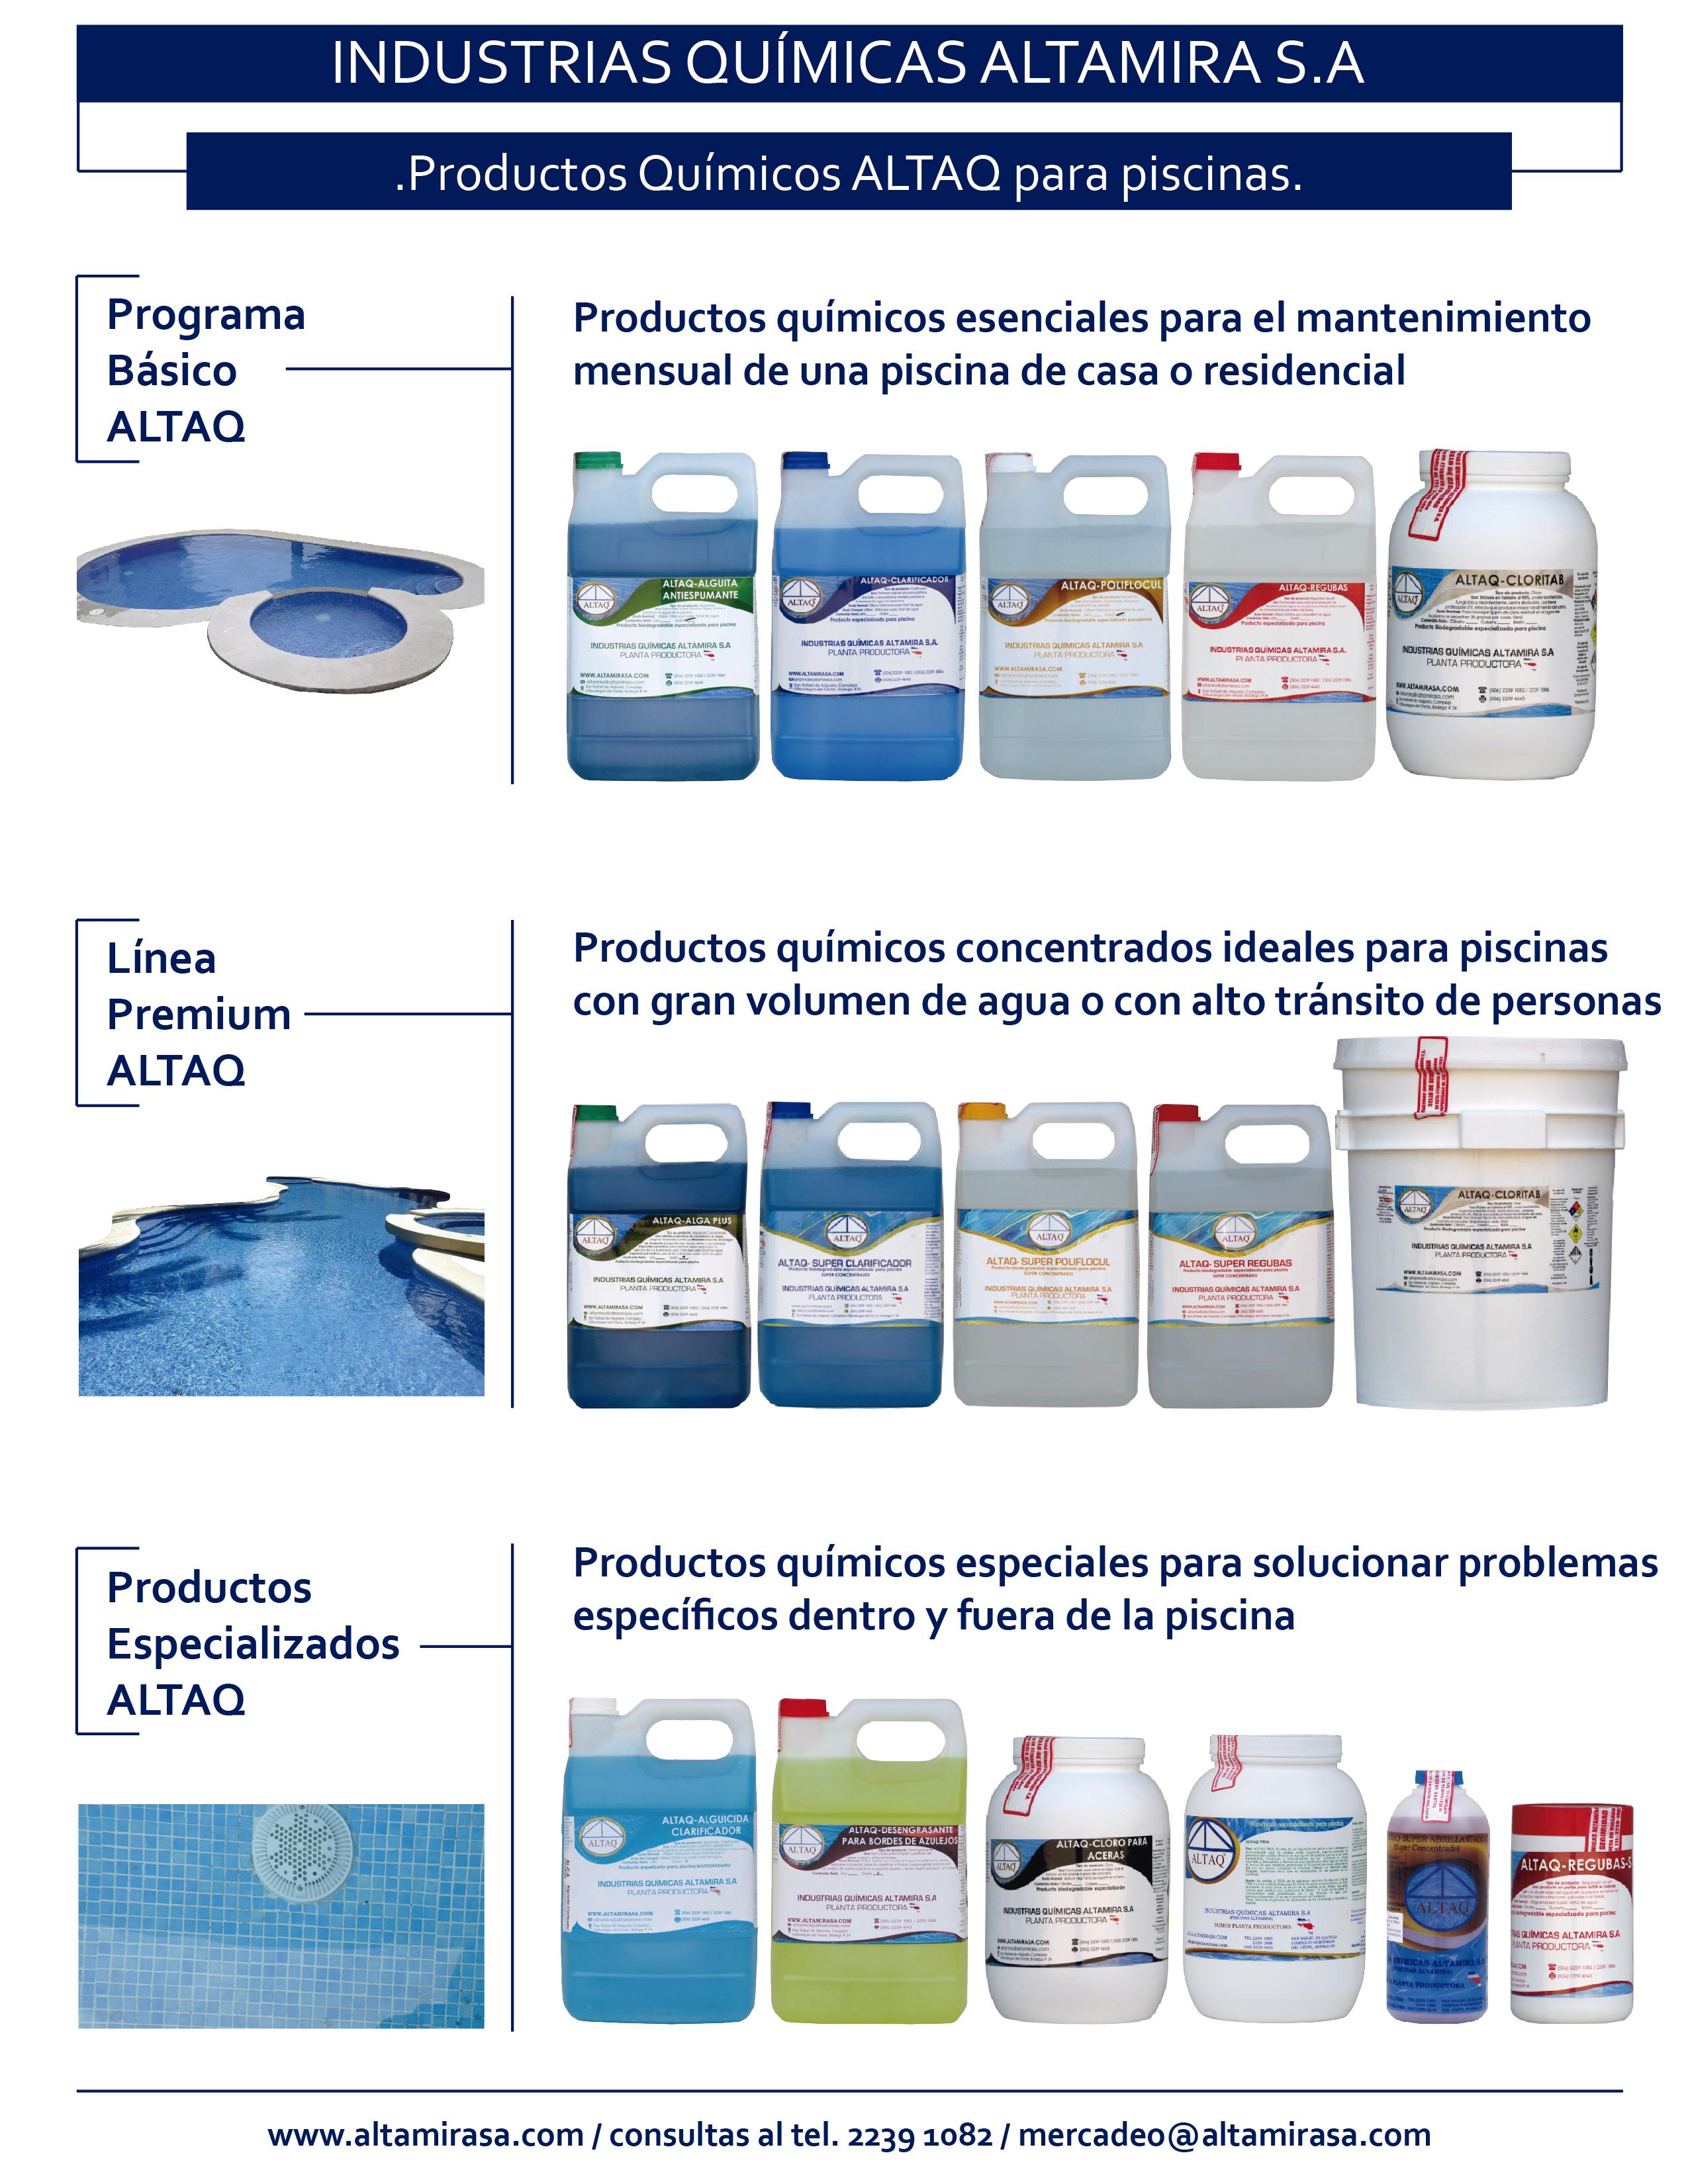 Líneas de productos ALTAQ